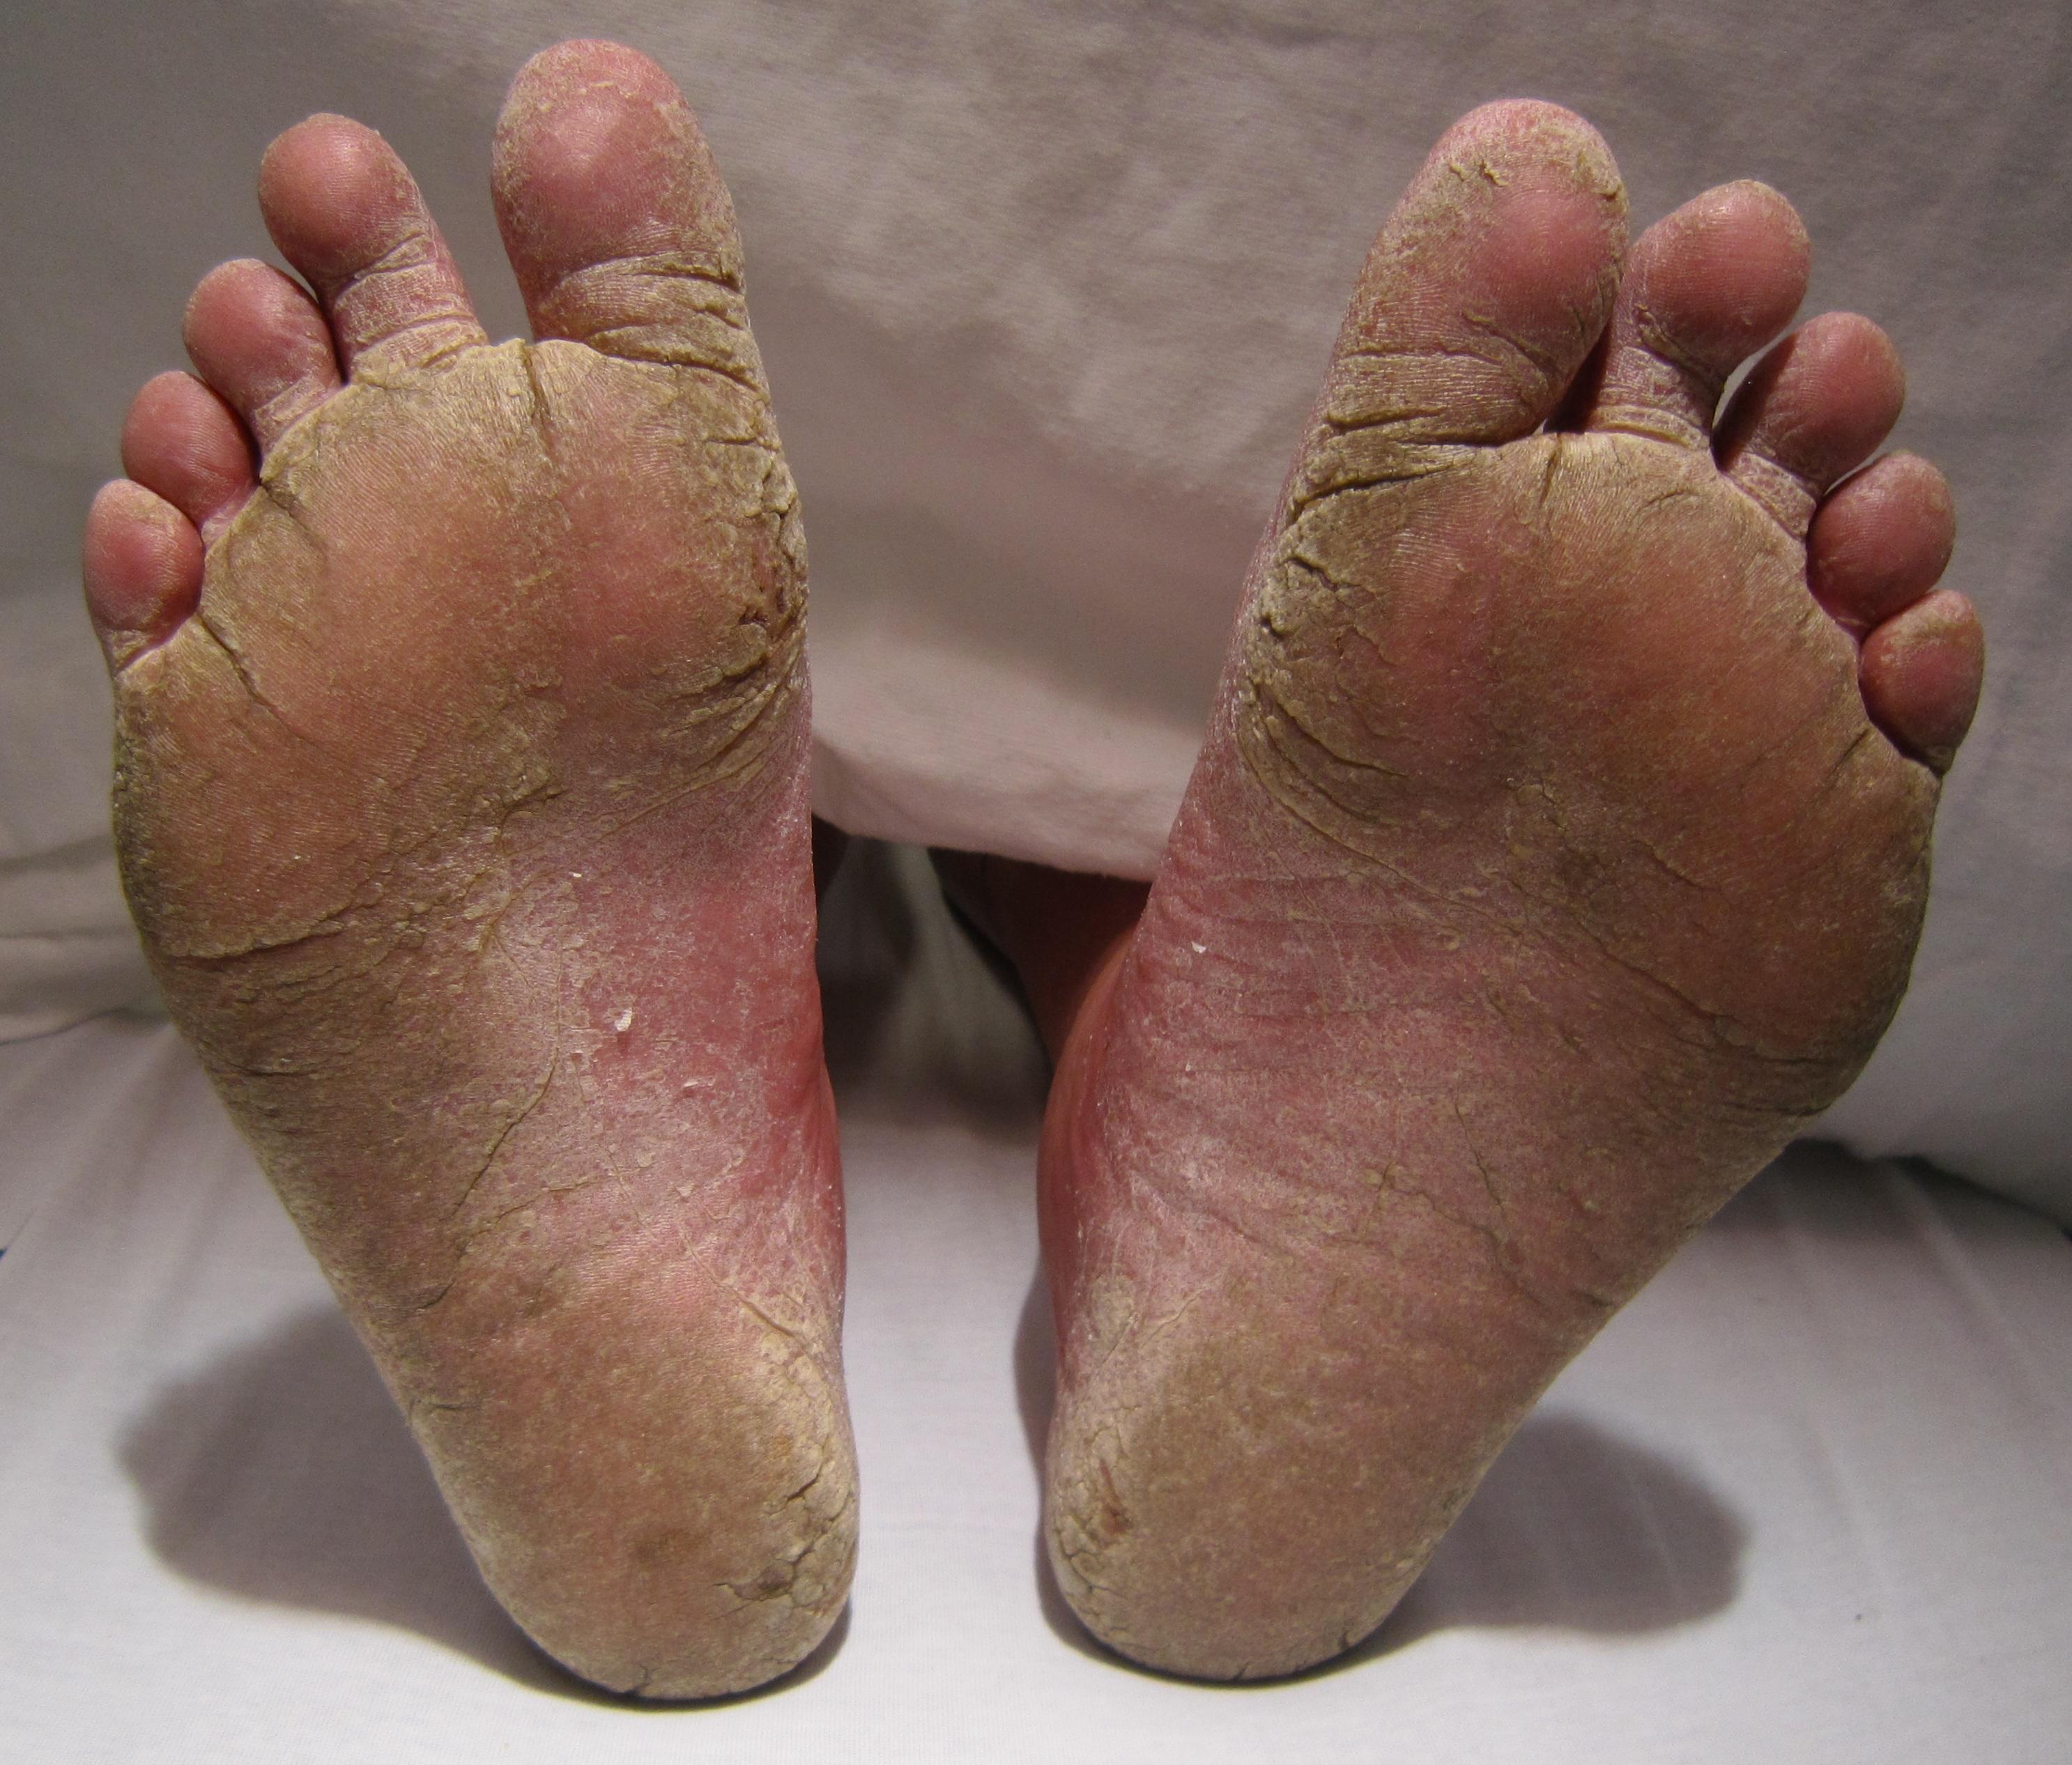 ciuperci ale piciorului verucile genitale se infectează dacă sunt prezente